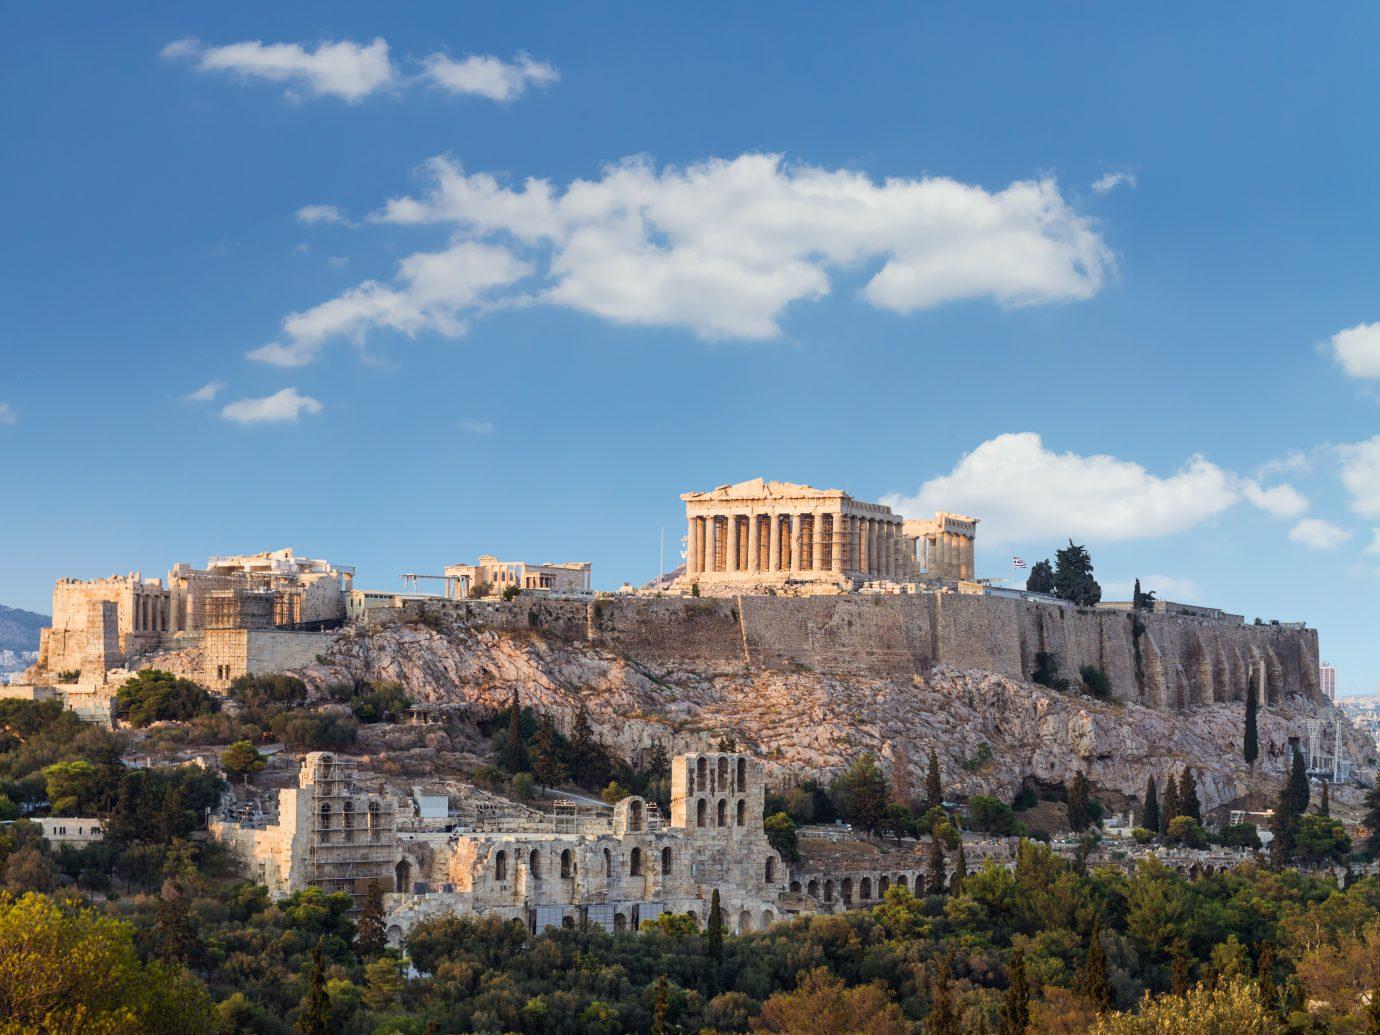 Parthenon, temple on the Athenian Acropolis,